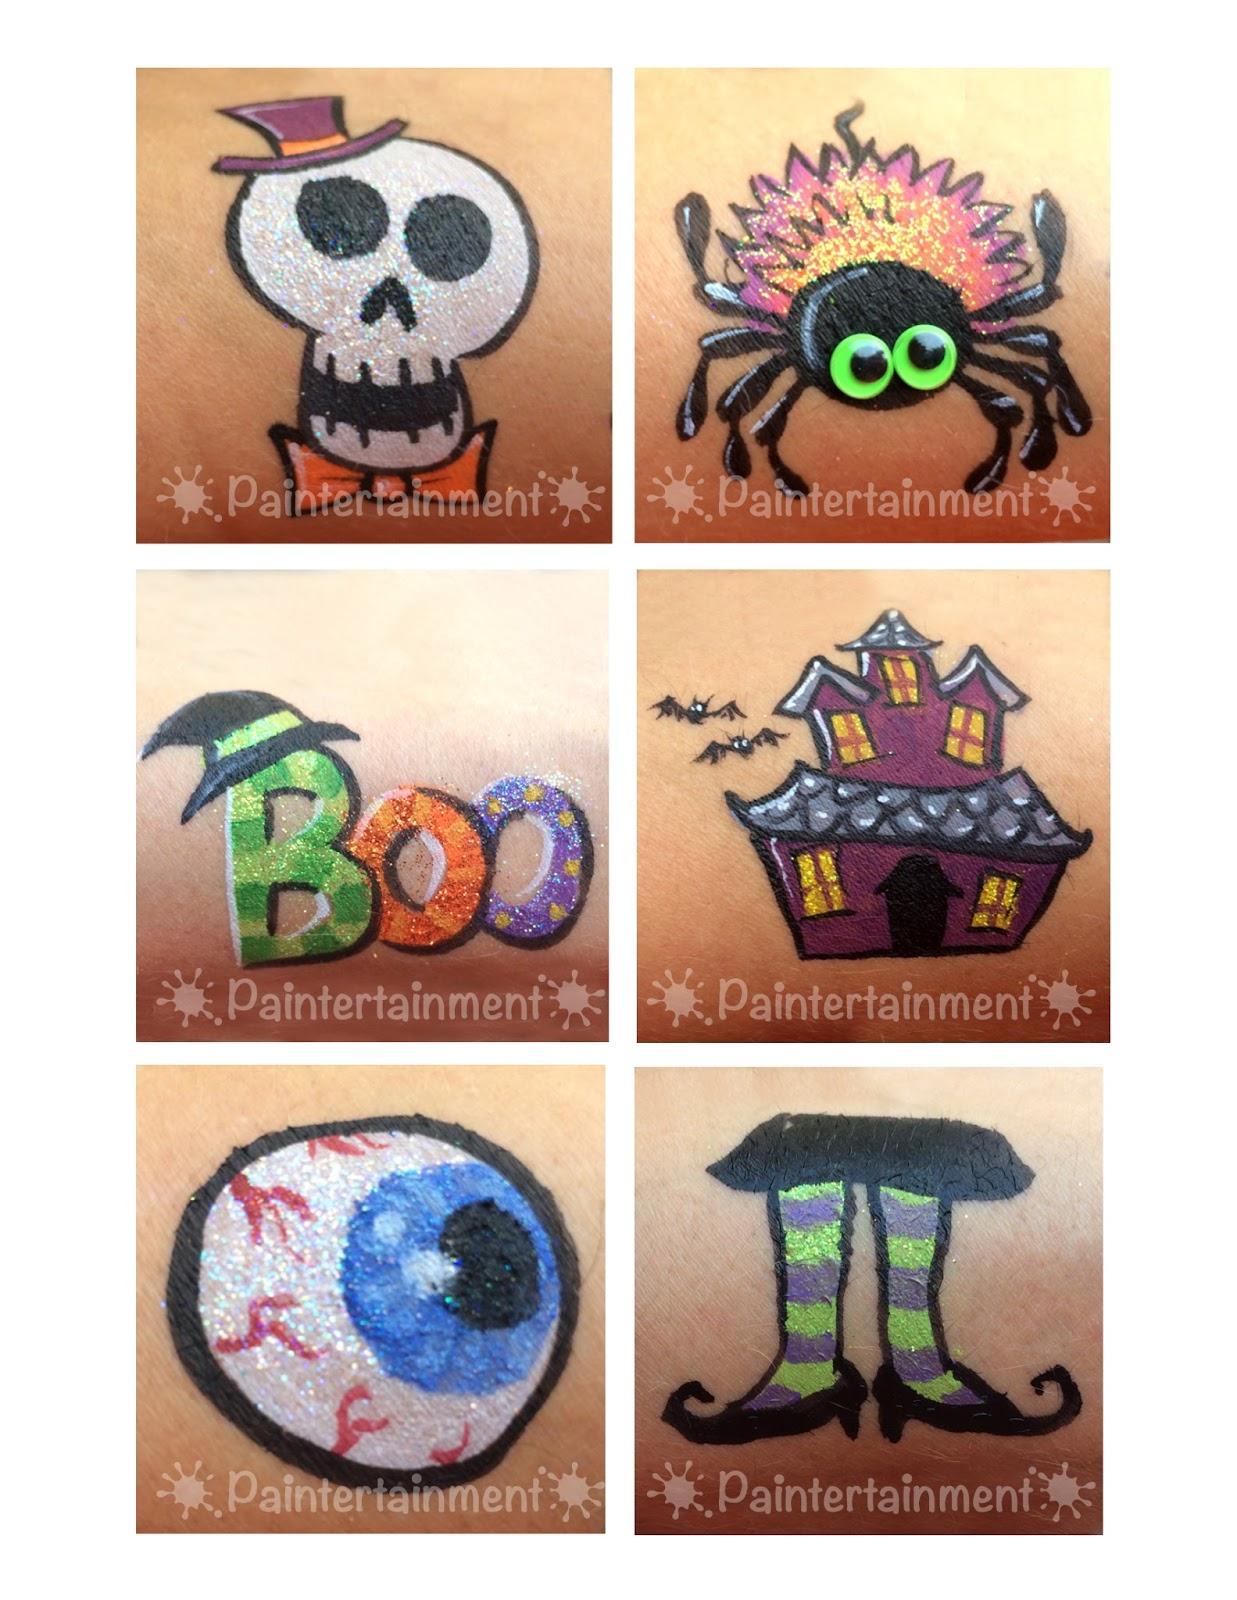 Paintertainment halloween face paintin 2015 for Halloween painting ideas